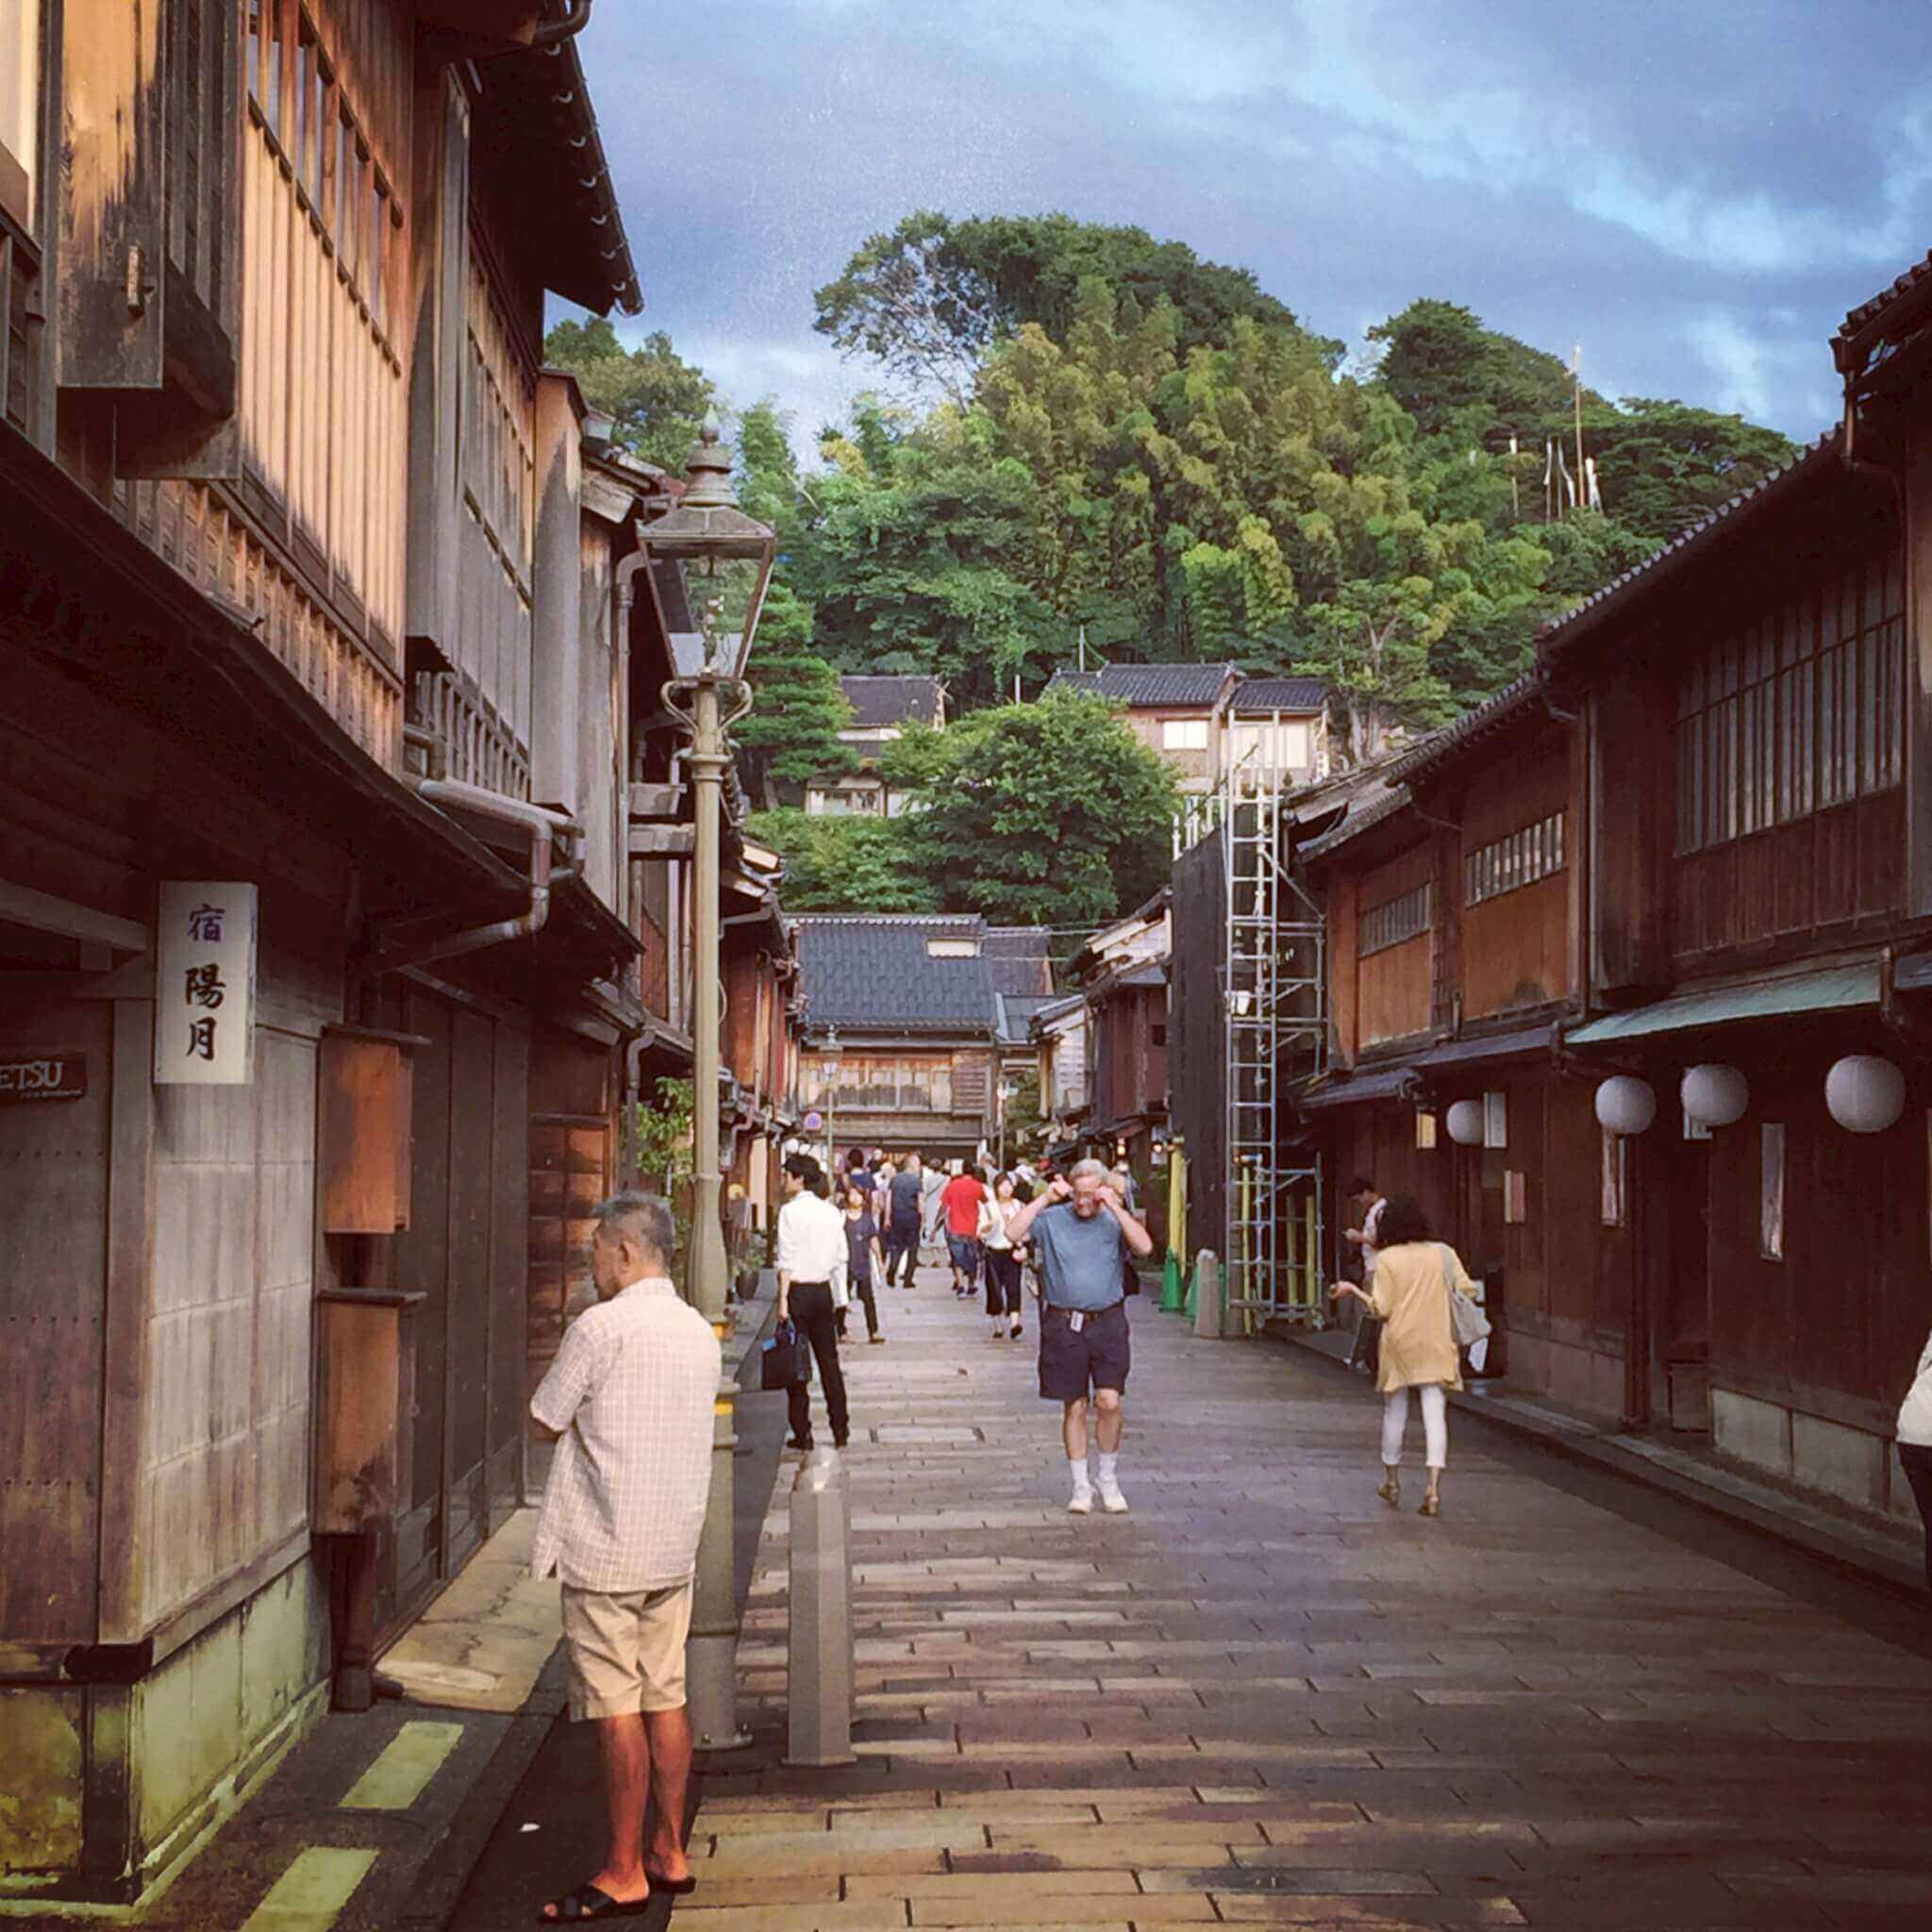 金沢・ひがし茶屋街の風景